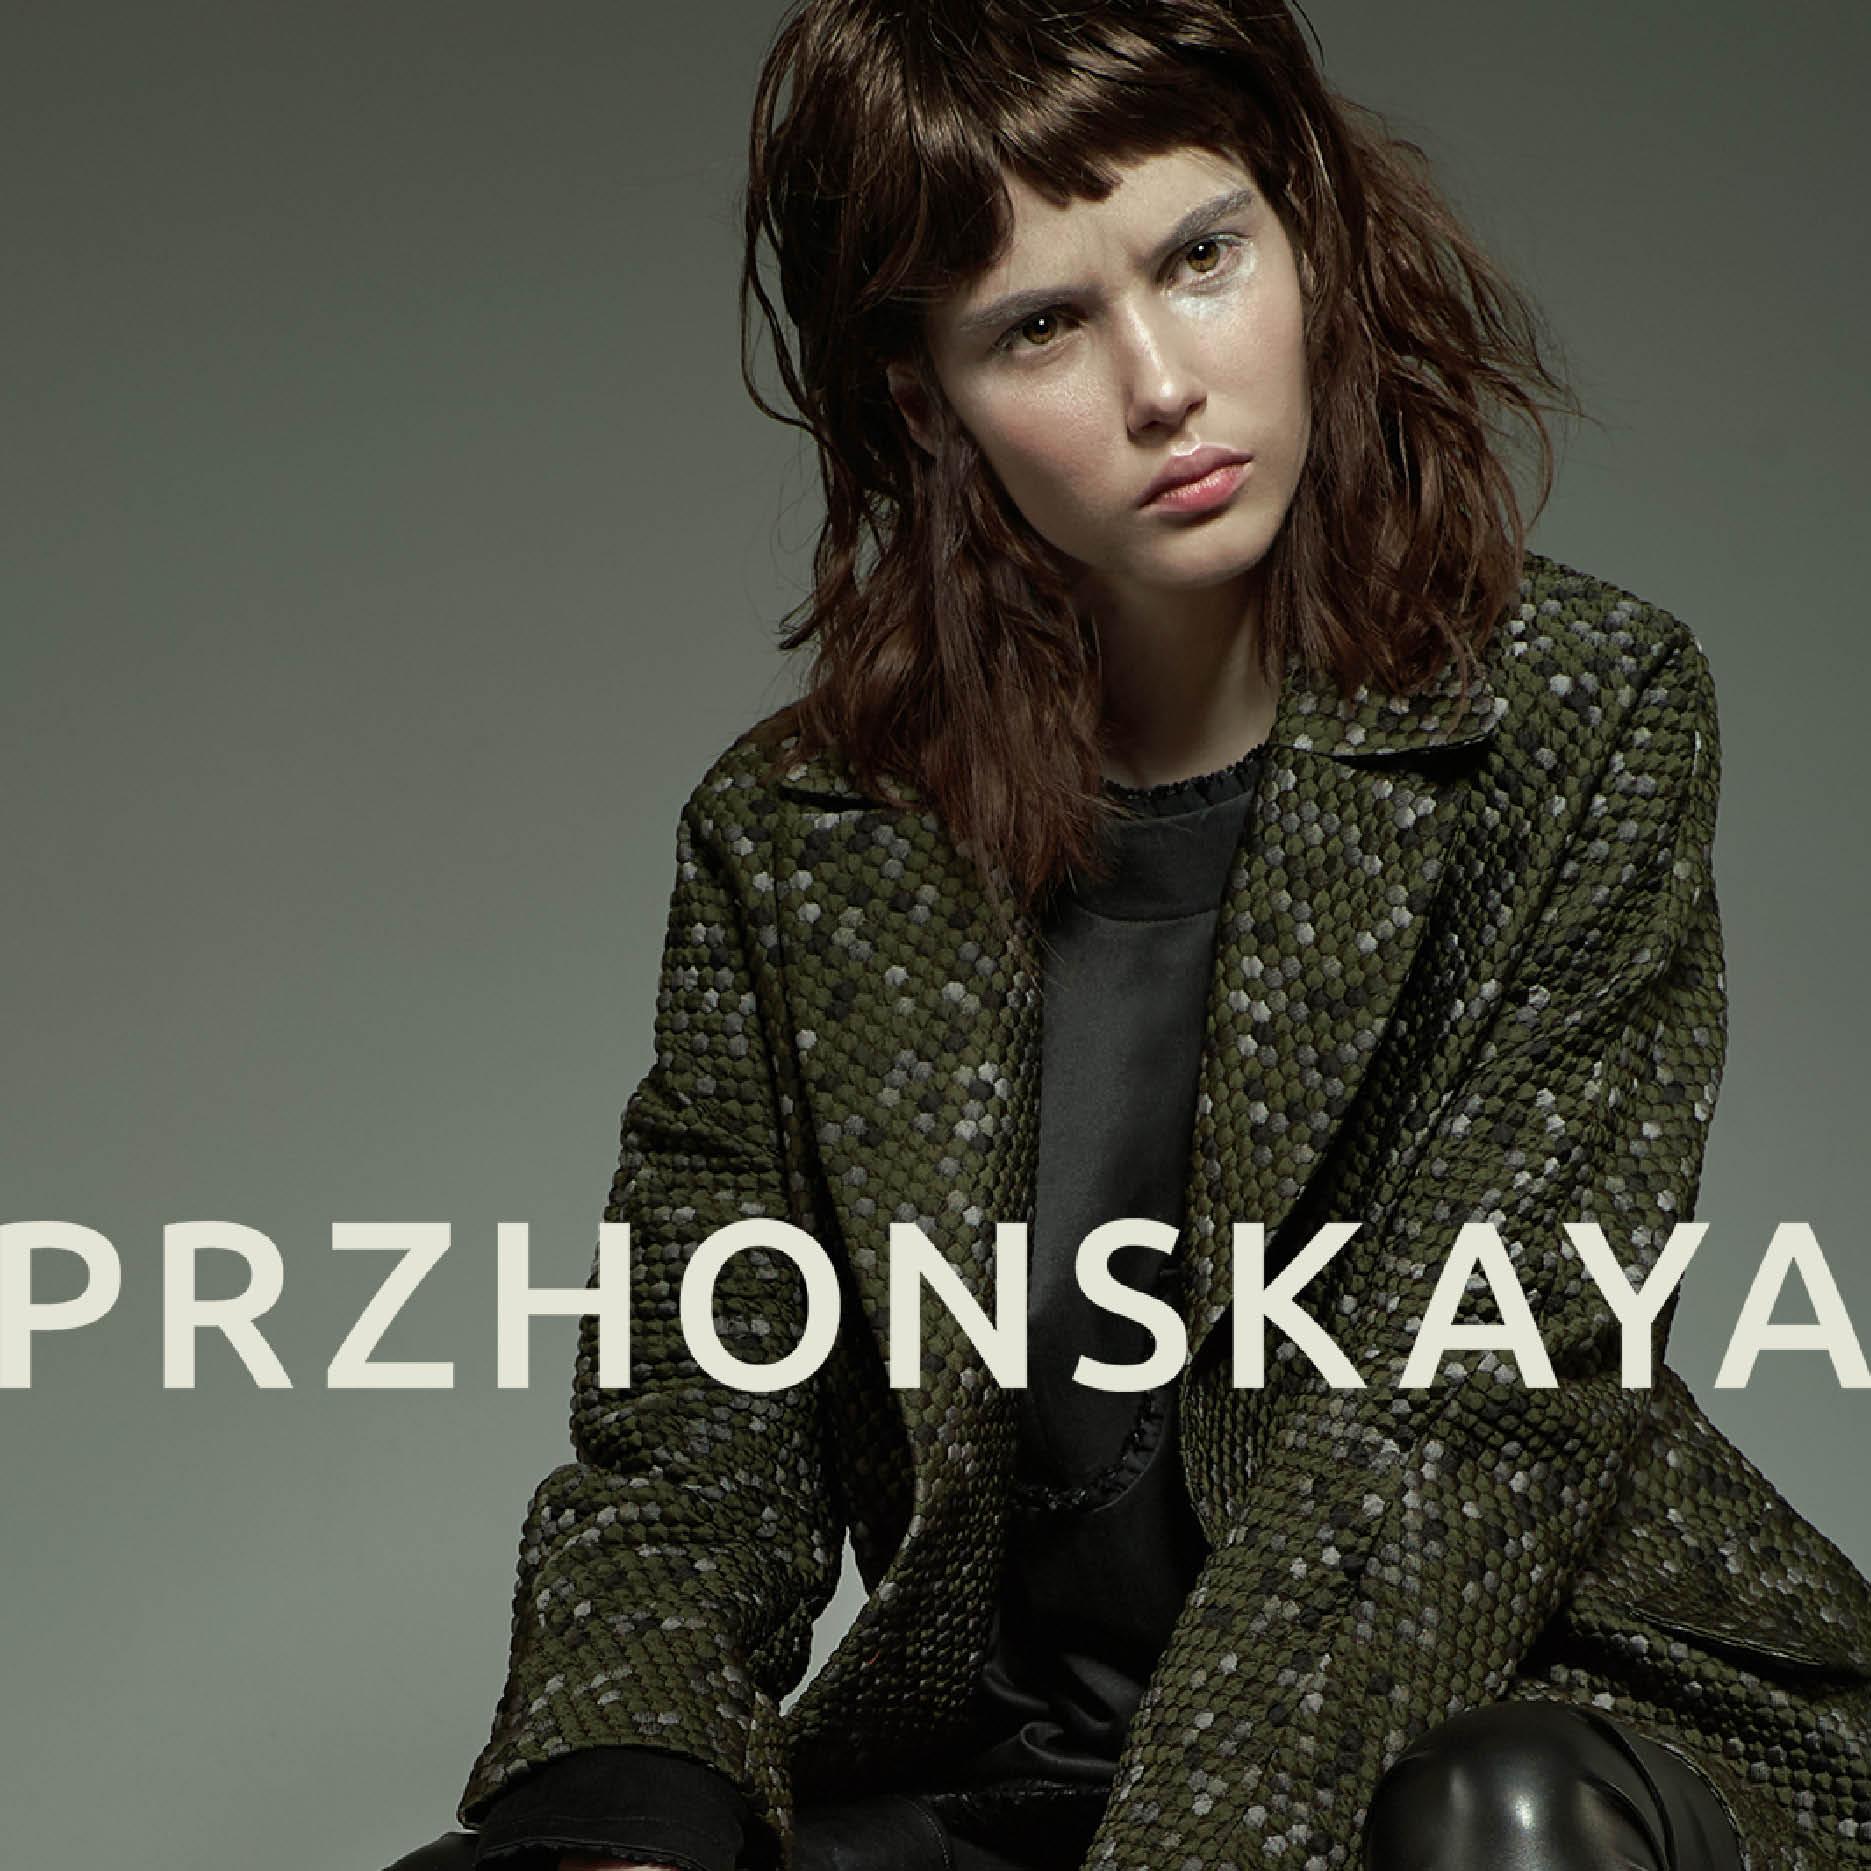 Бренд PRZHONSKAYA представил превью новой коллекции-320x180